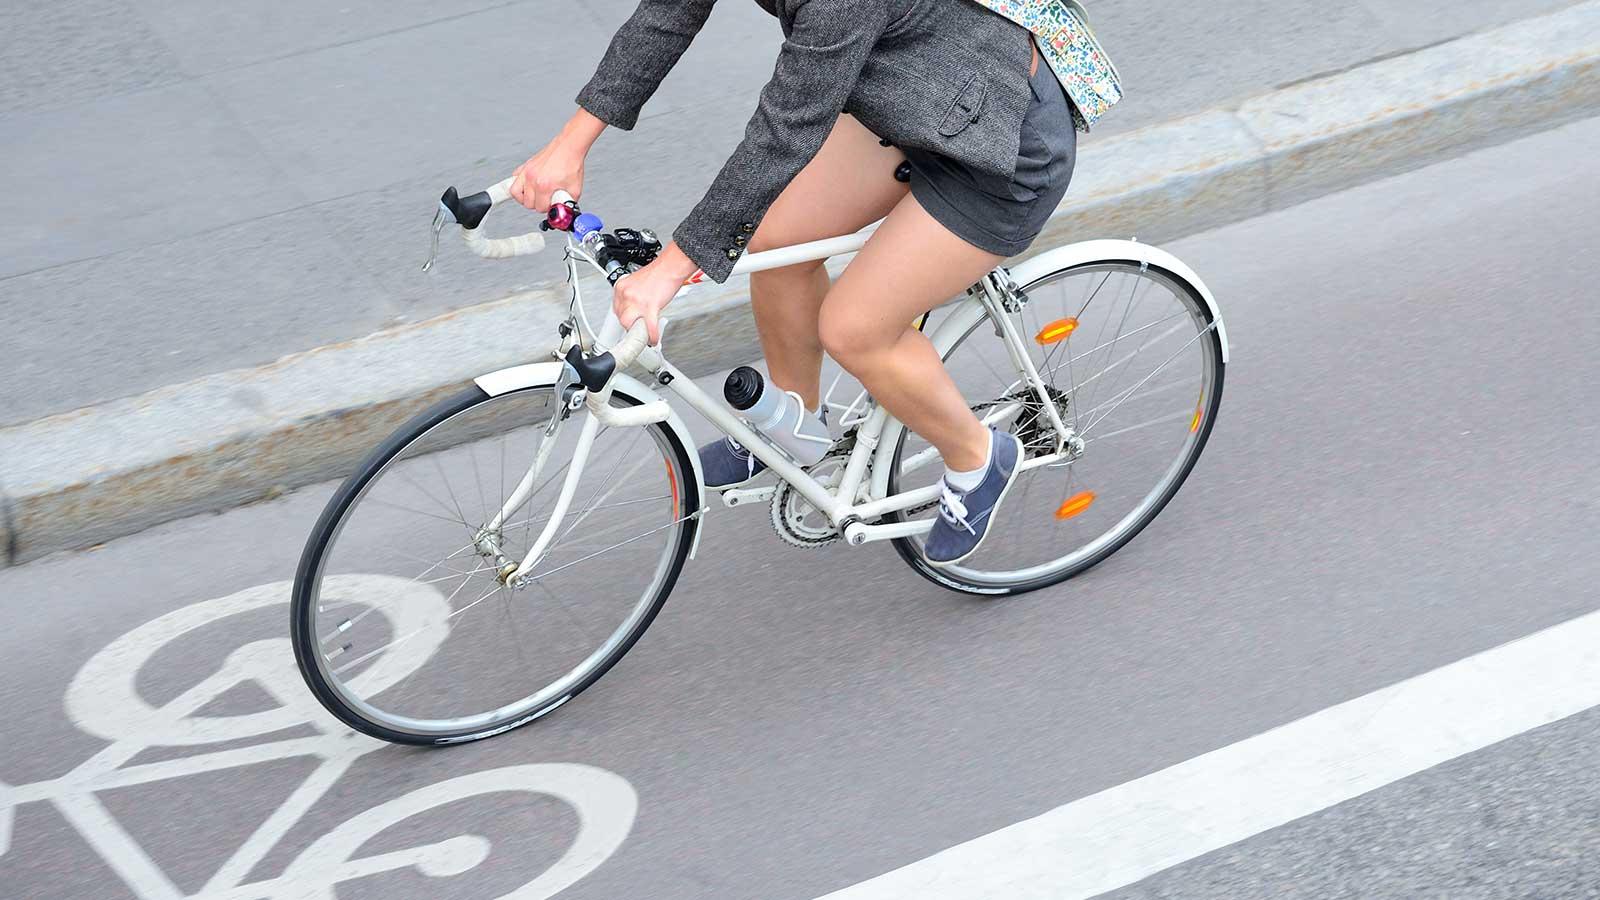 Woman riding bike in bike lane